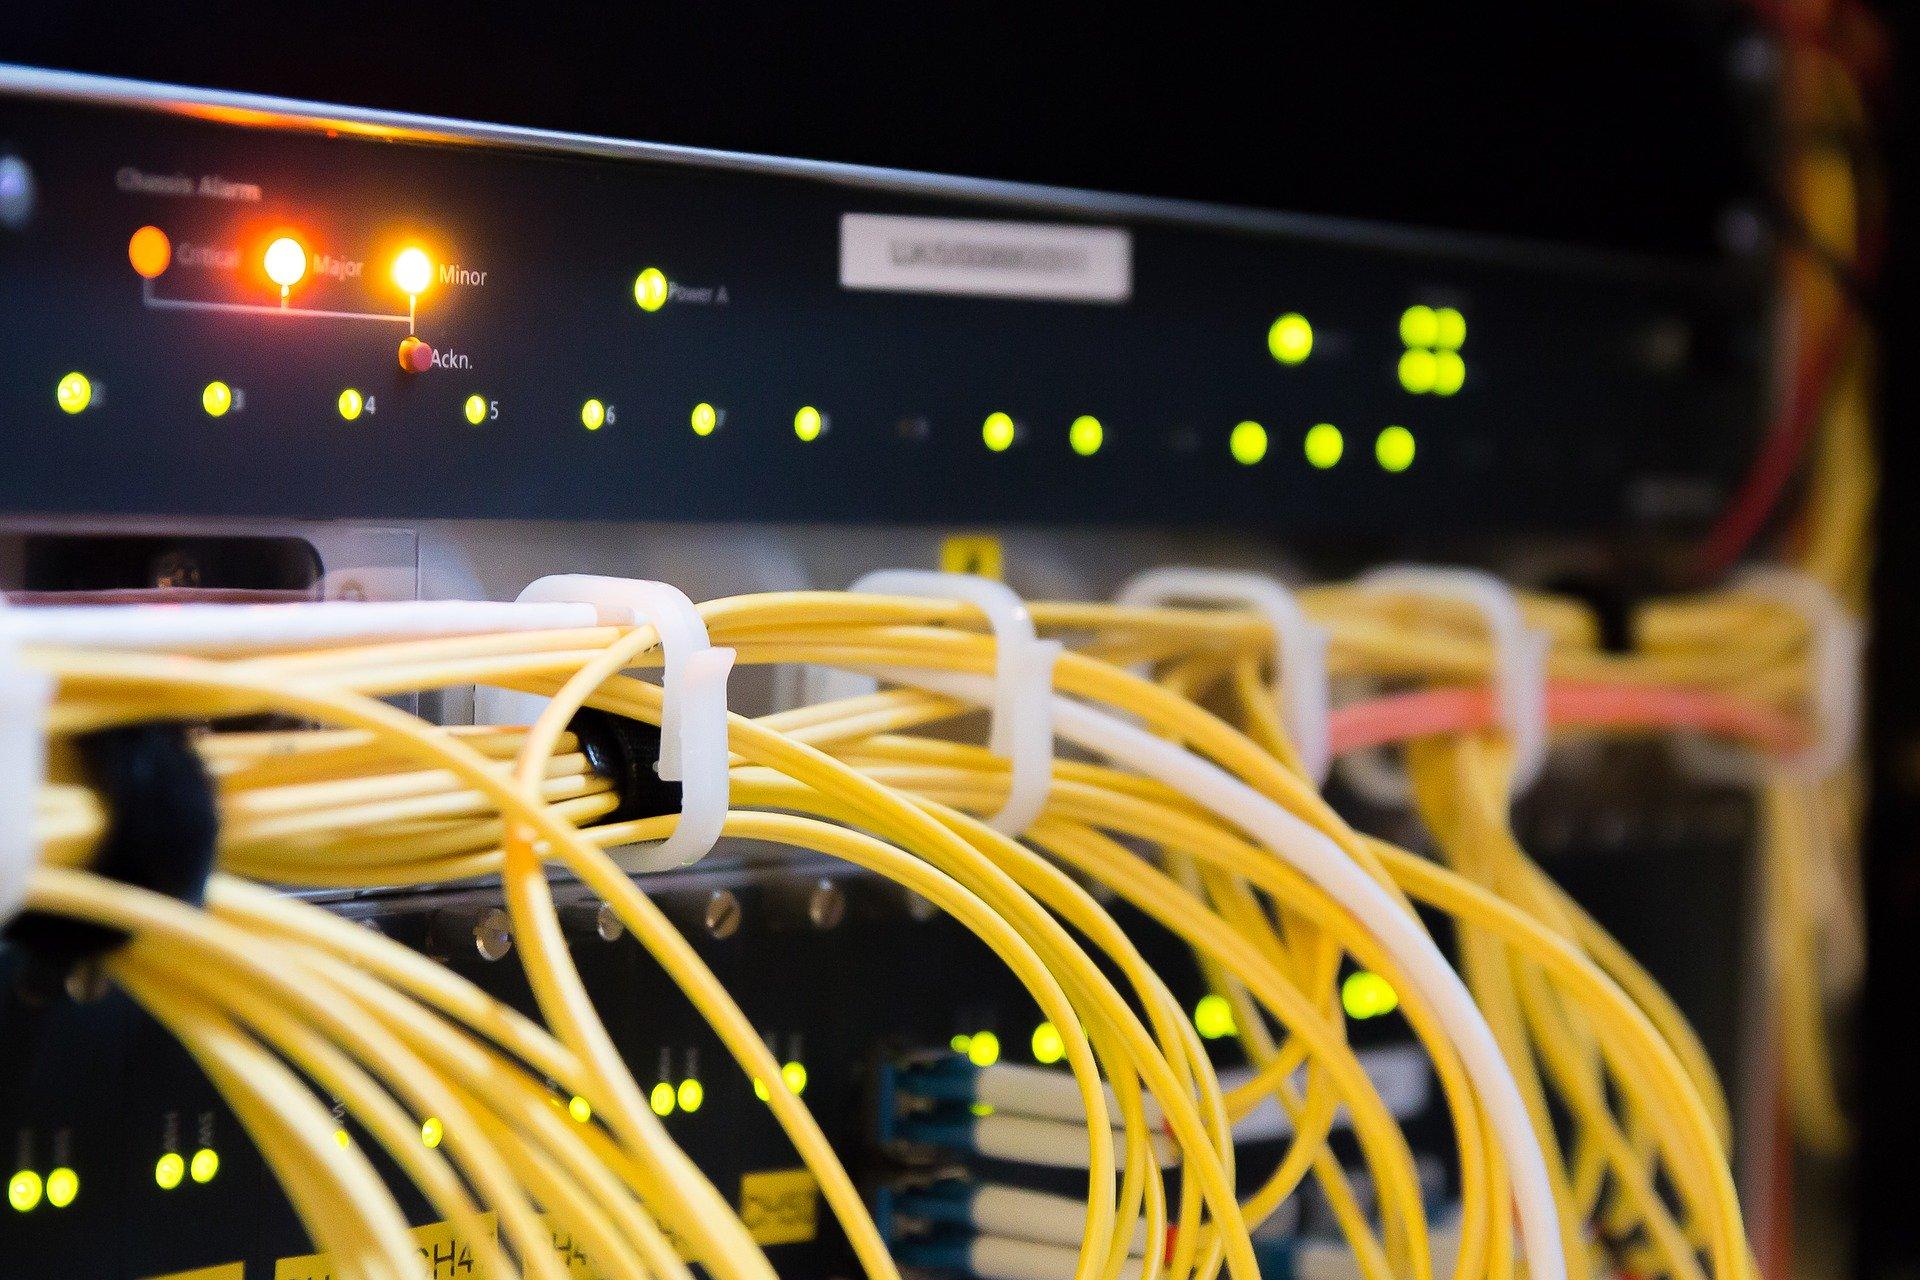 INVITALIA: Affidamento incarichi per collaudi tecnico amministrativi di impianti di telecomunicazioni